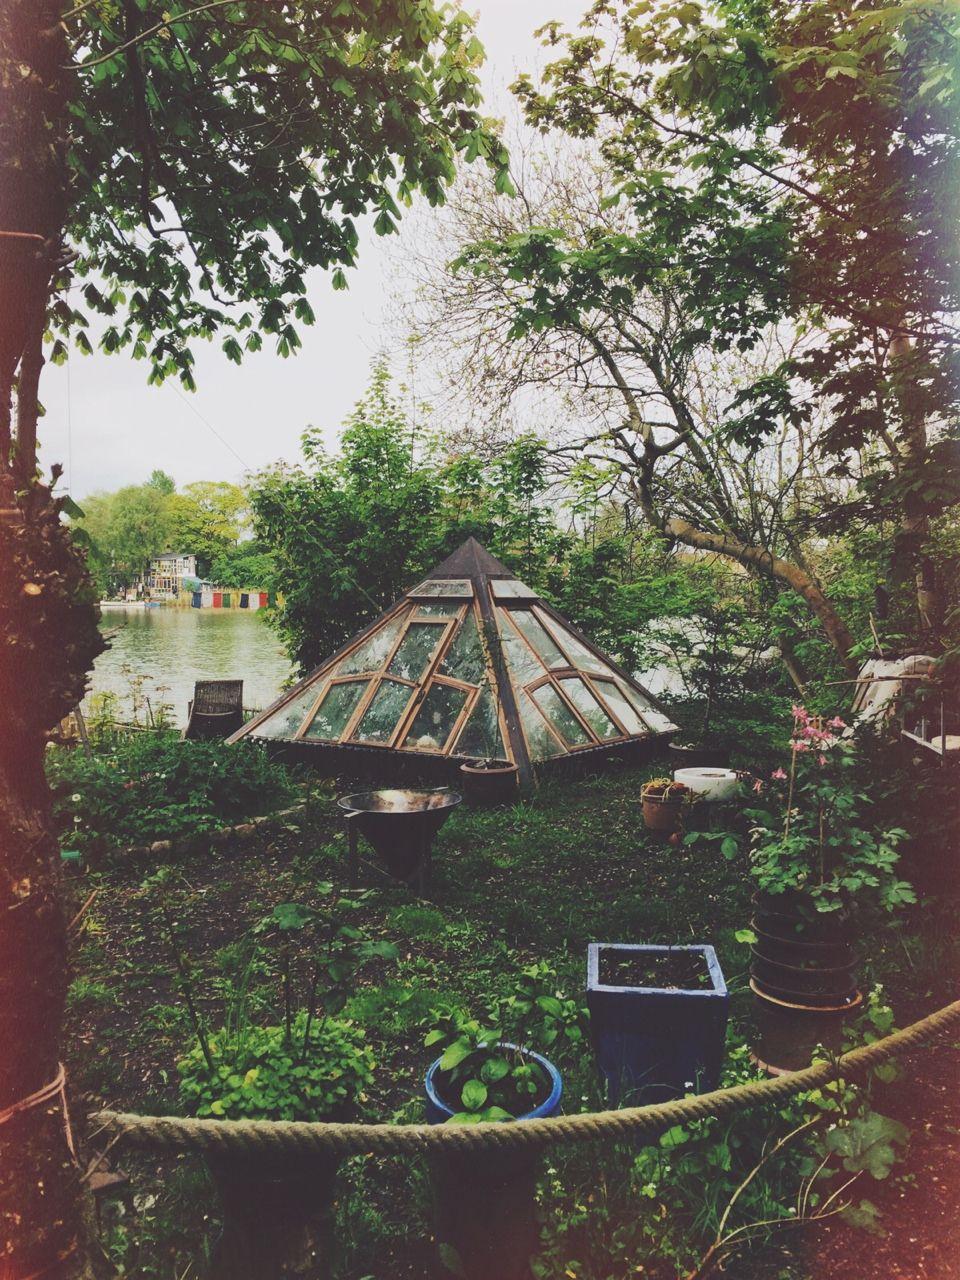 magical garden pyramid greenhouse Dream garden, Garden